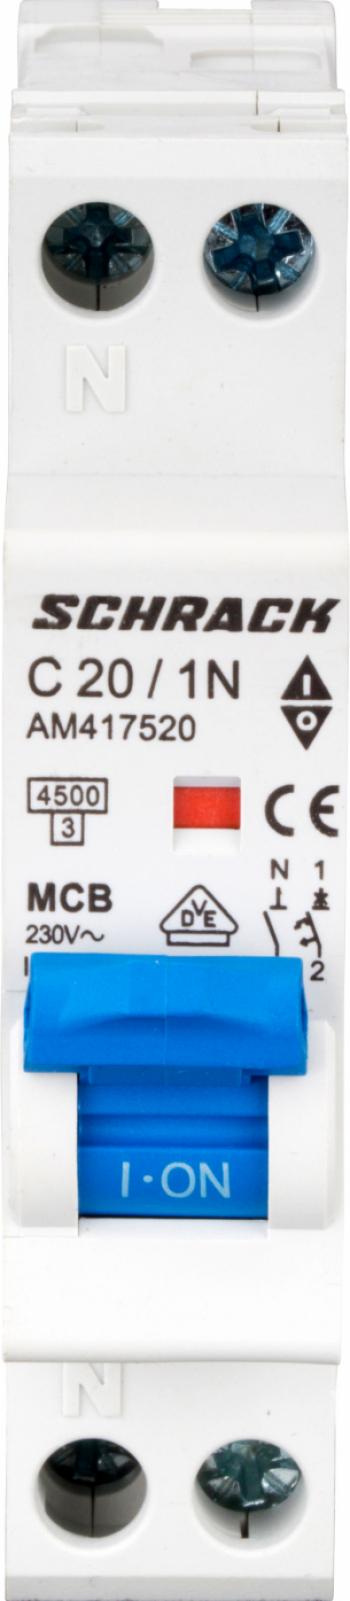 Intrerupator automat Schrack AMPARO AM417520-- 4 5kA 20A 1P+N 1modul